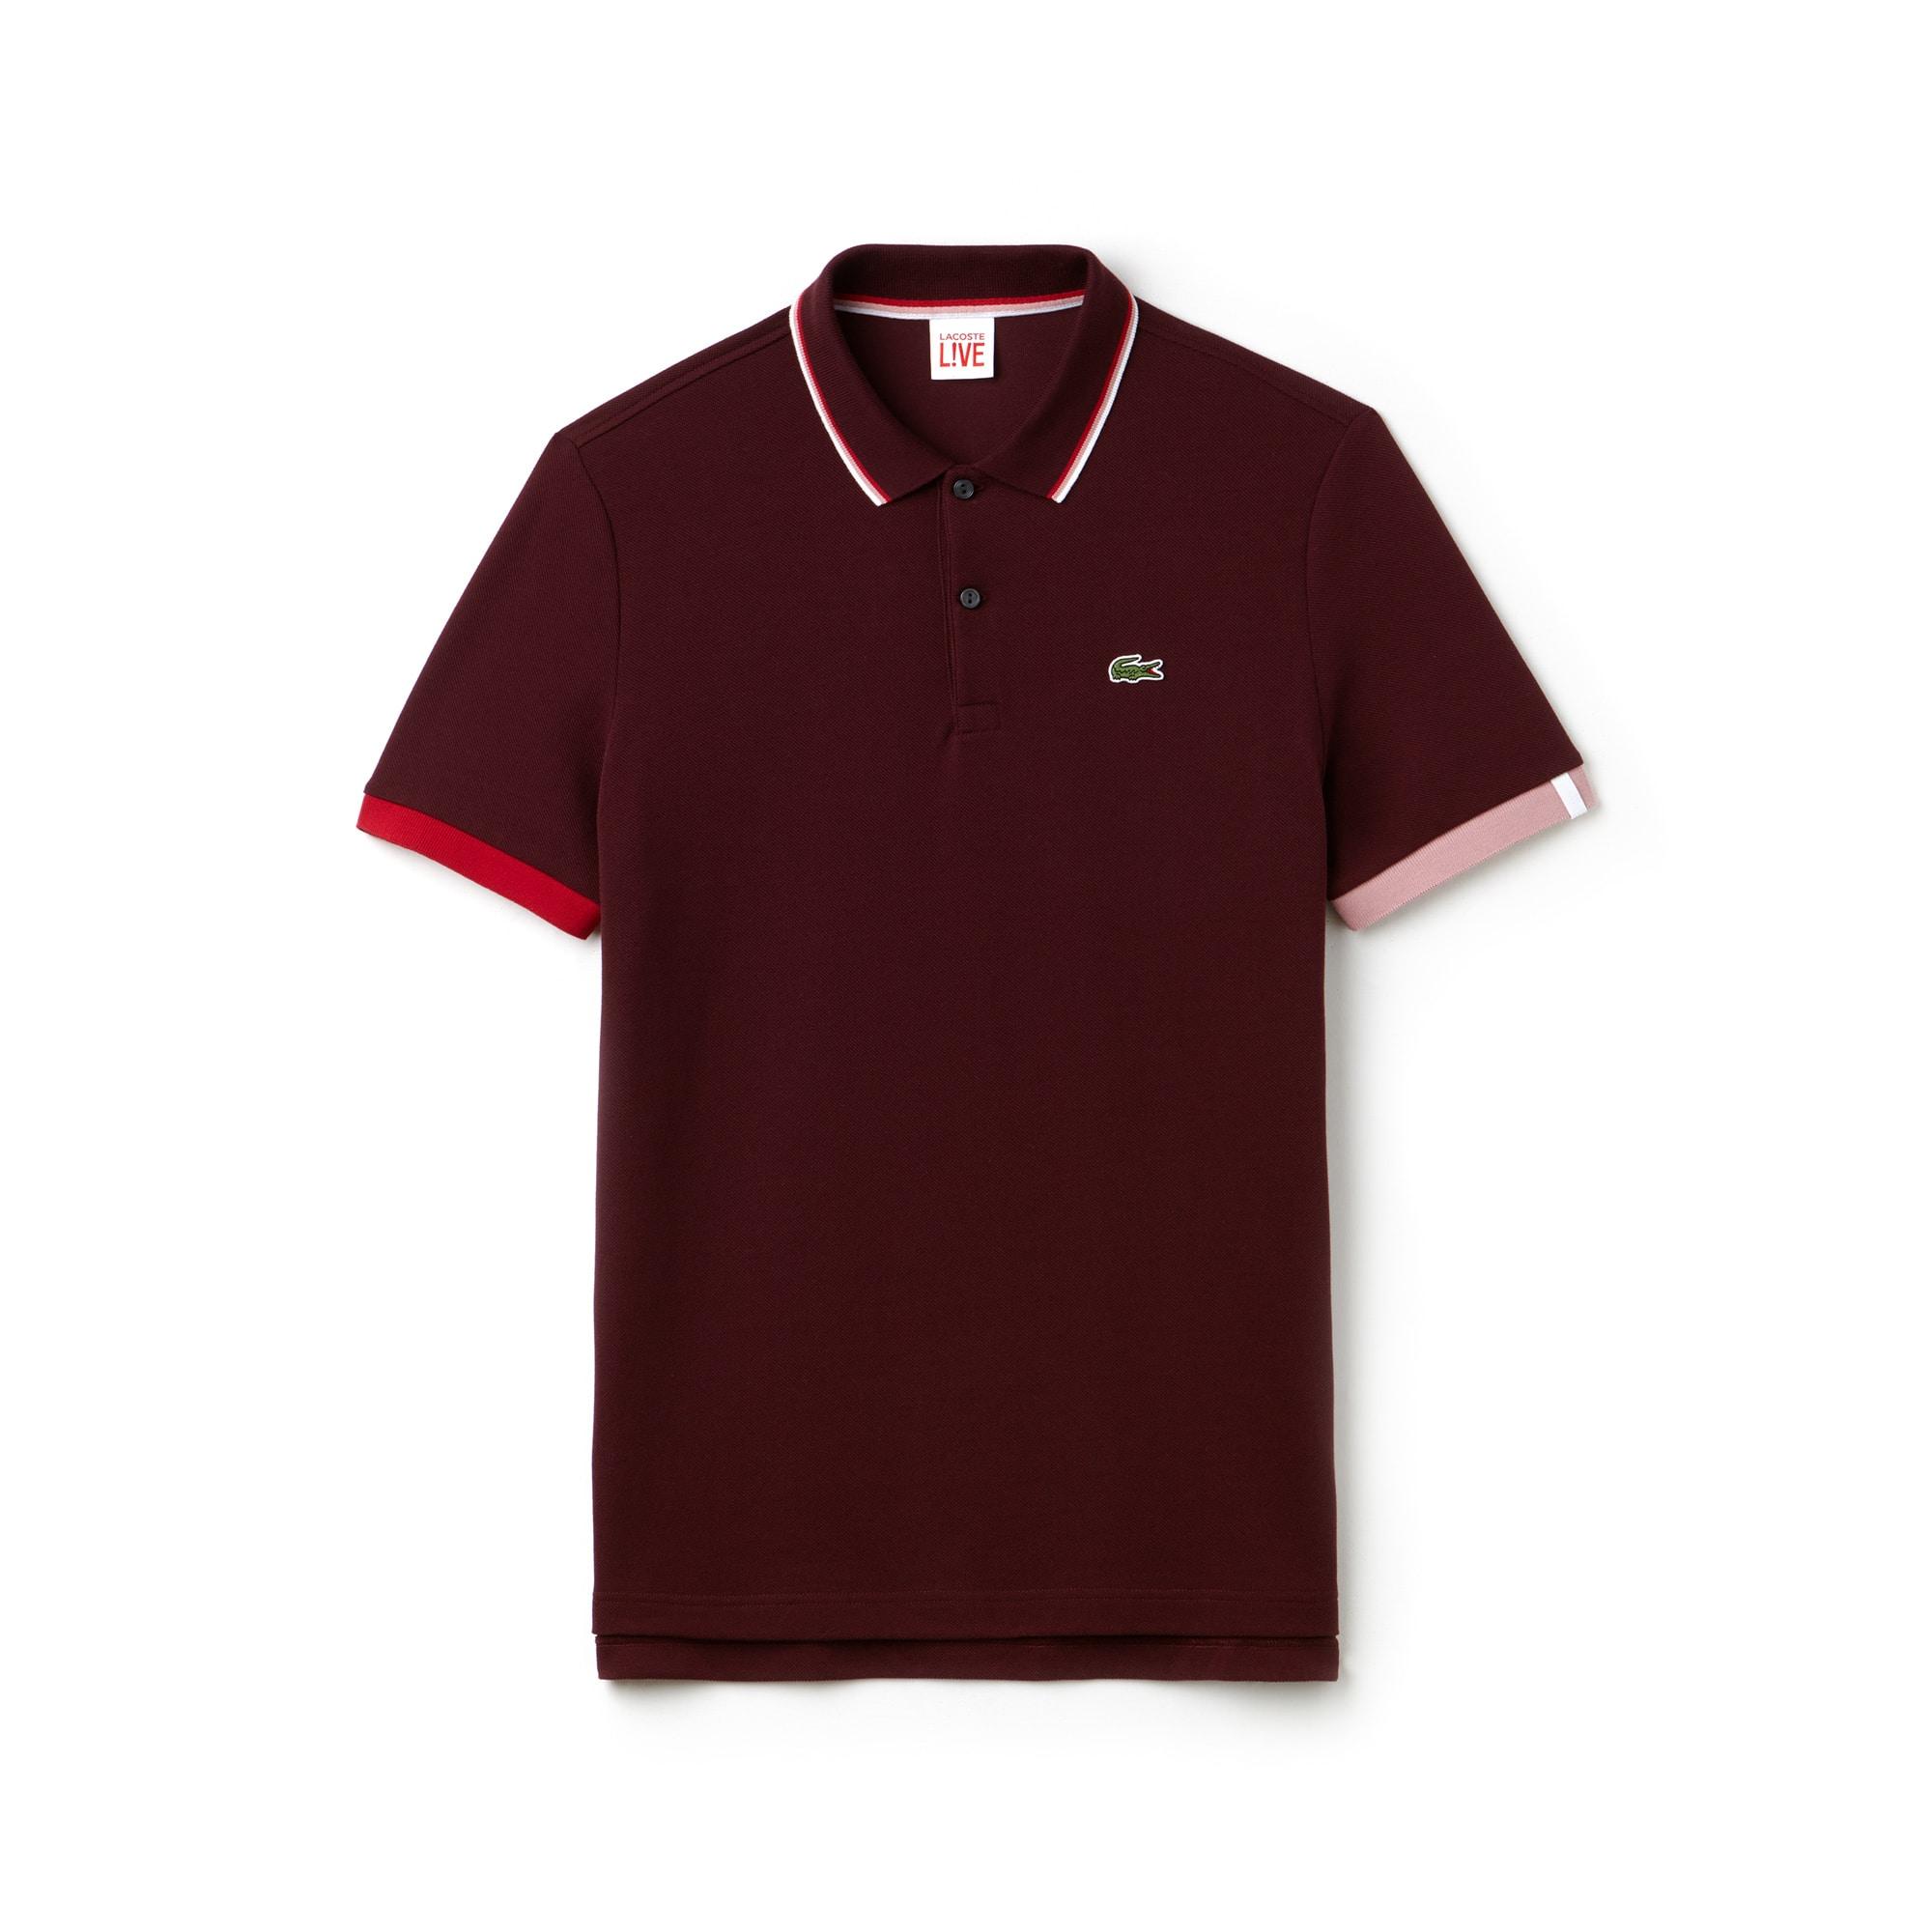 Camisa Polo Lacoste LIVE Slim Fit Masculina em Petit Piqué com Gola Debruada d1153053fb